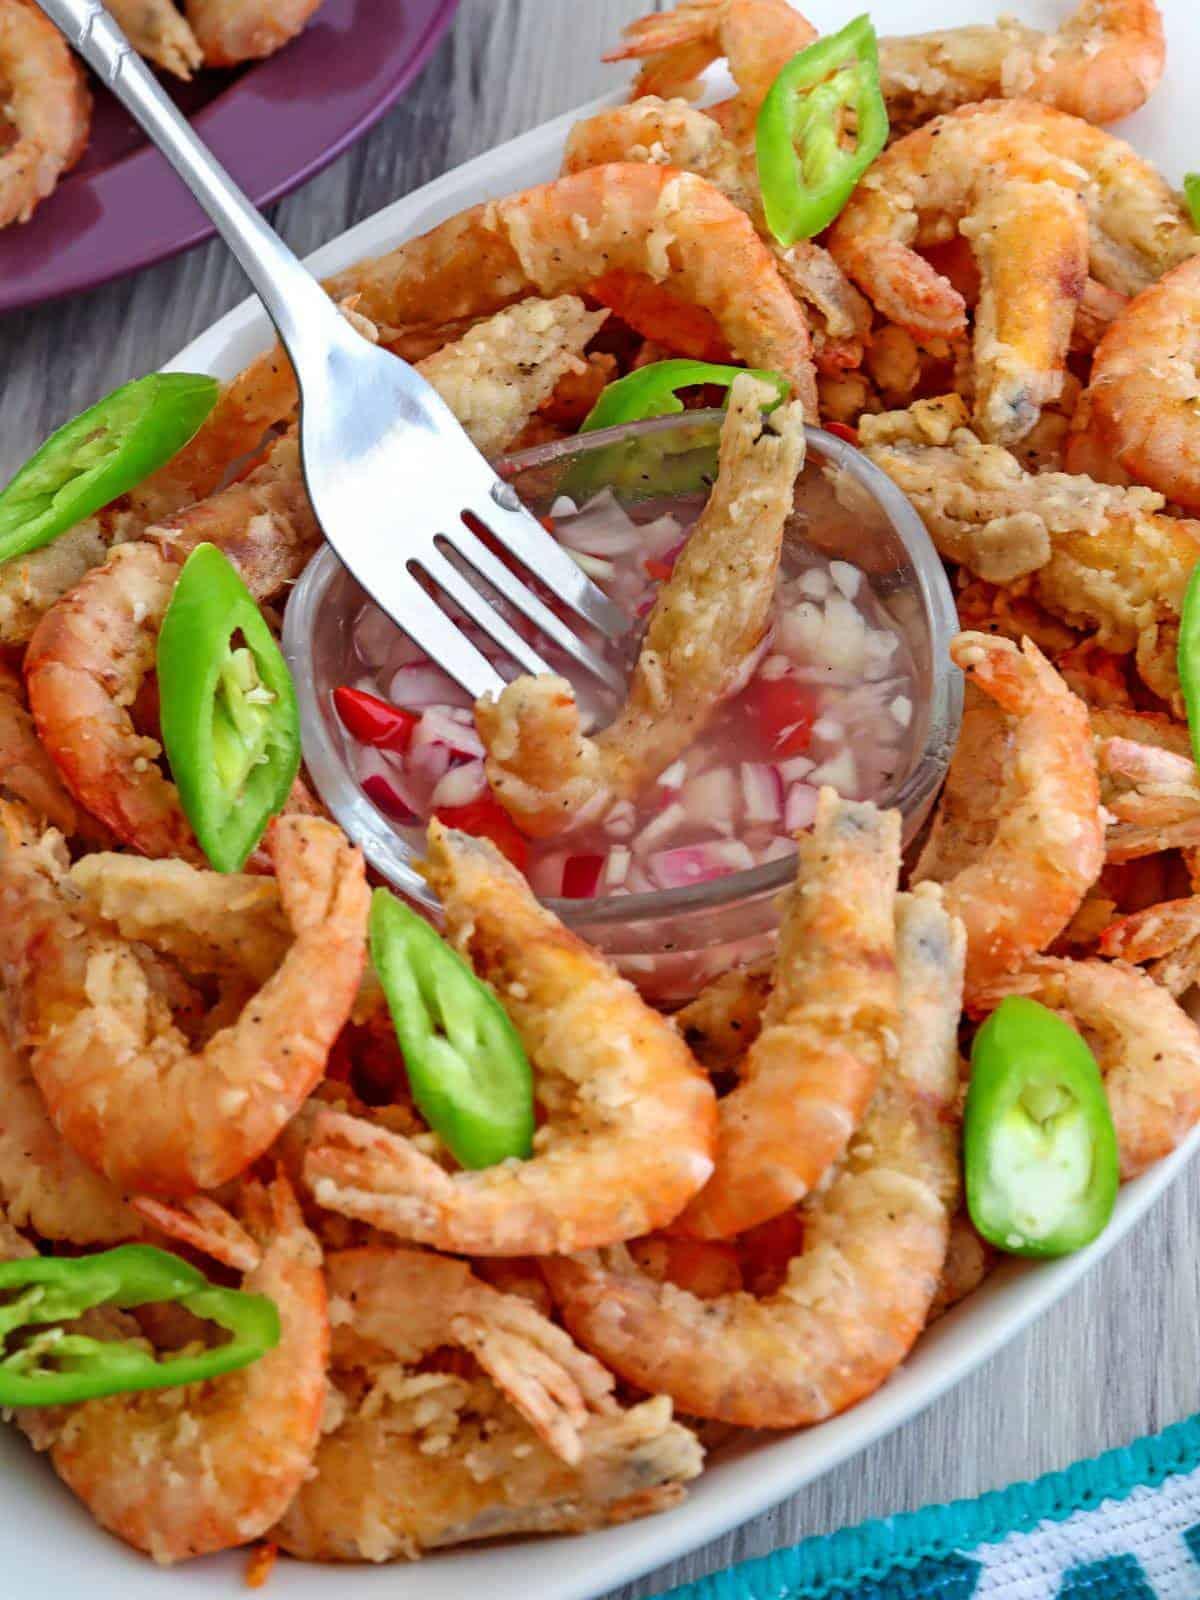 dipping crispy fried drunken shrimp in spicy vinegar